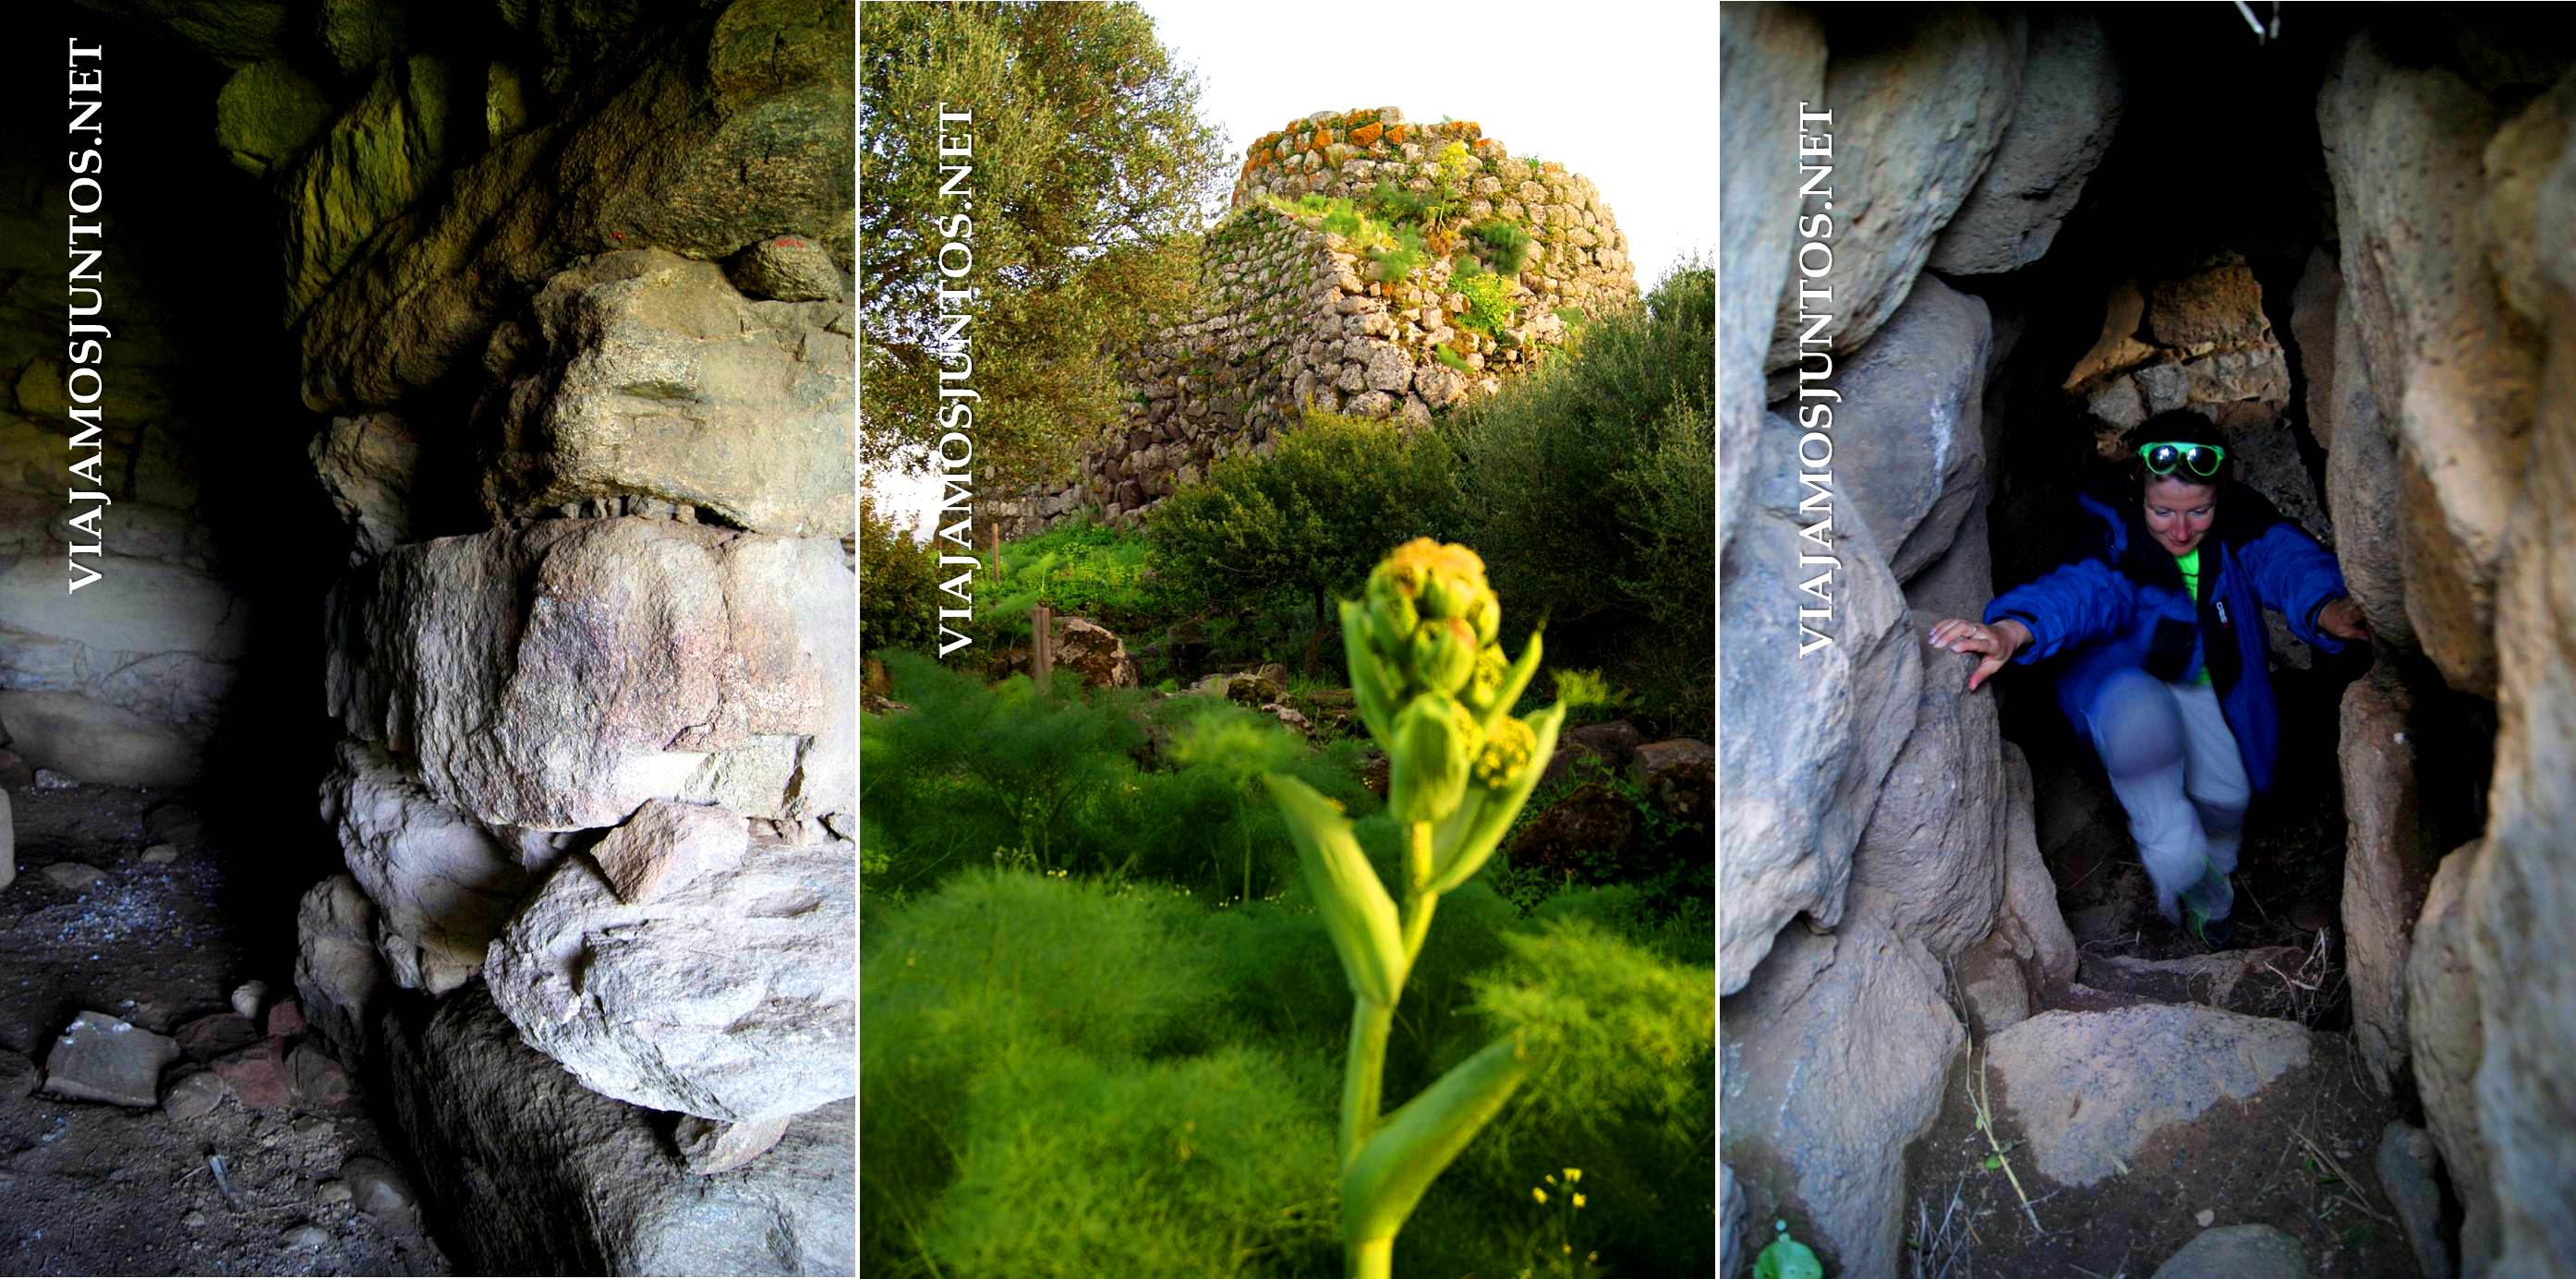 Italia, Cerdeña, Sardinia, viajar por libre, descubrir Cerdeña, indiana jones, aventura